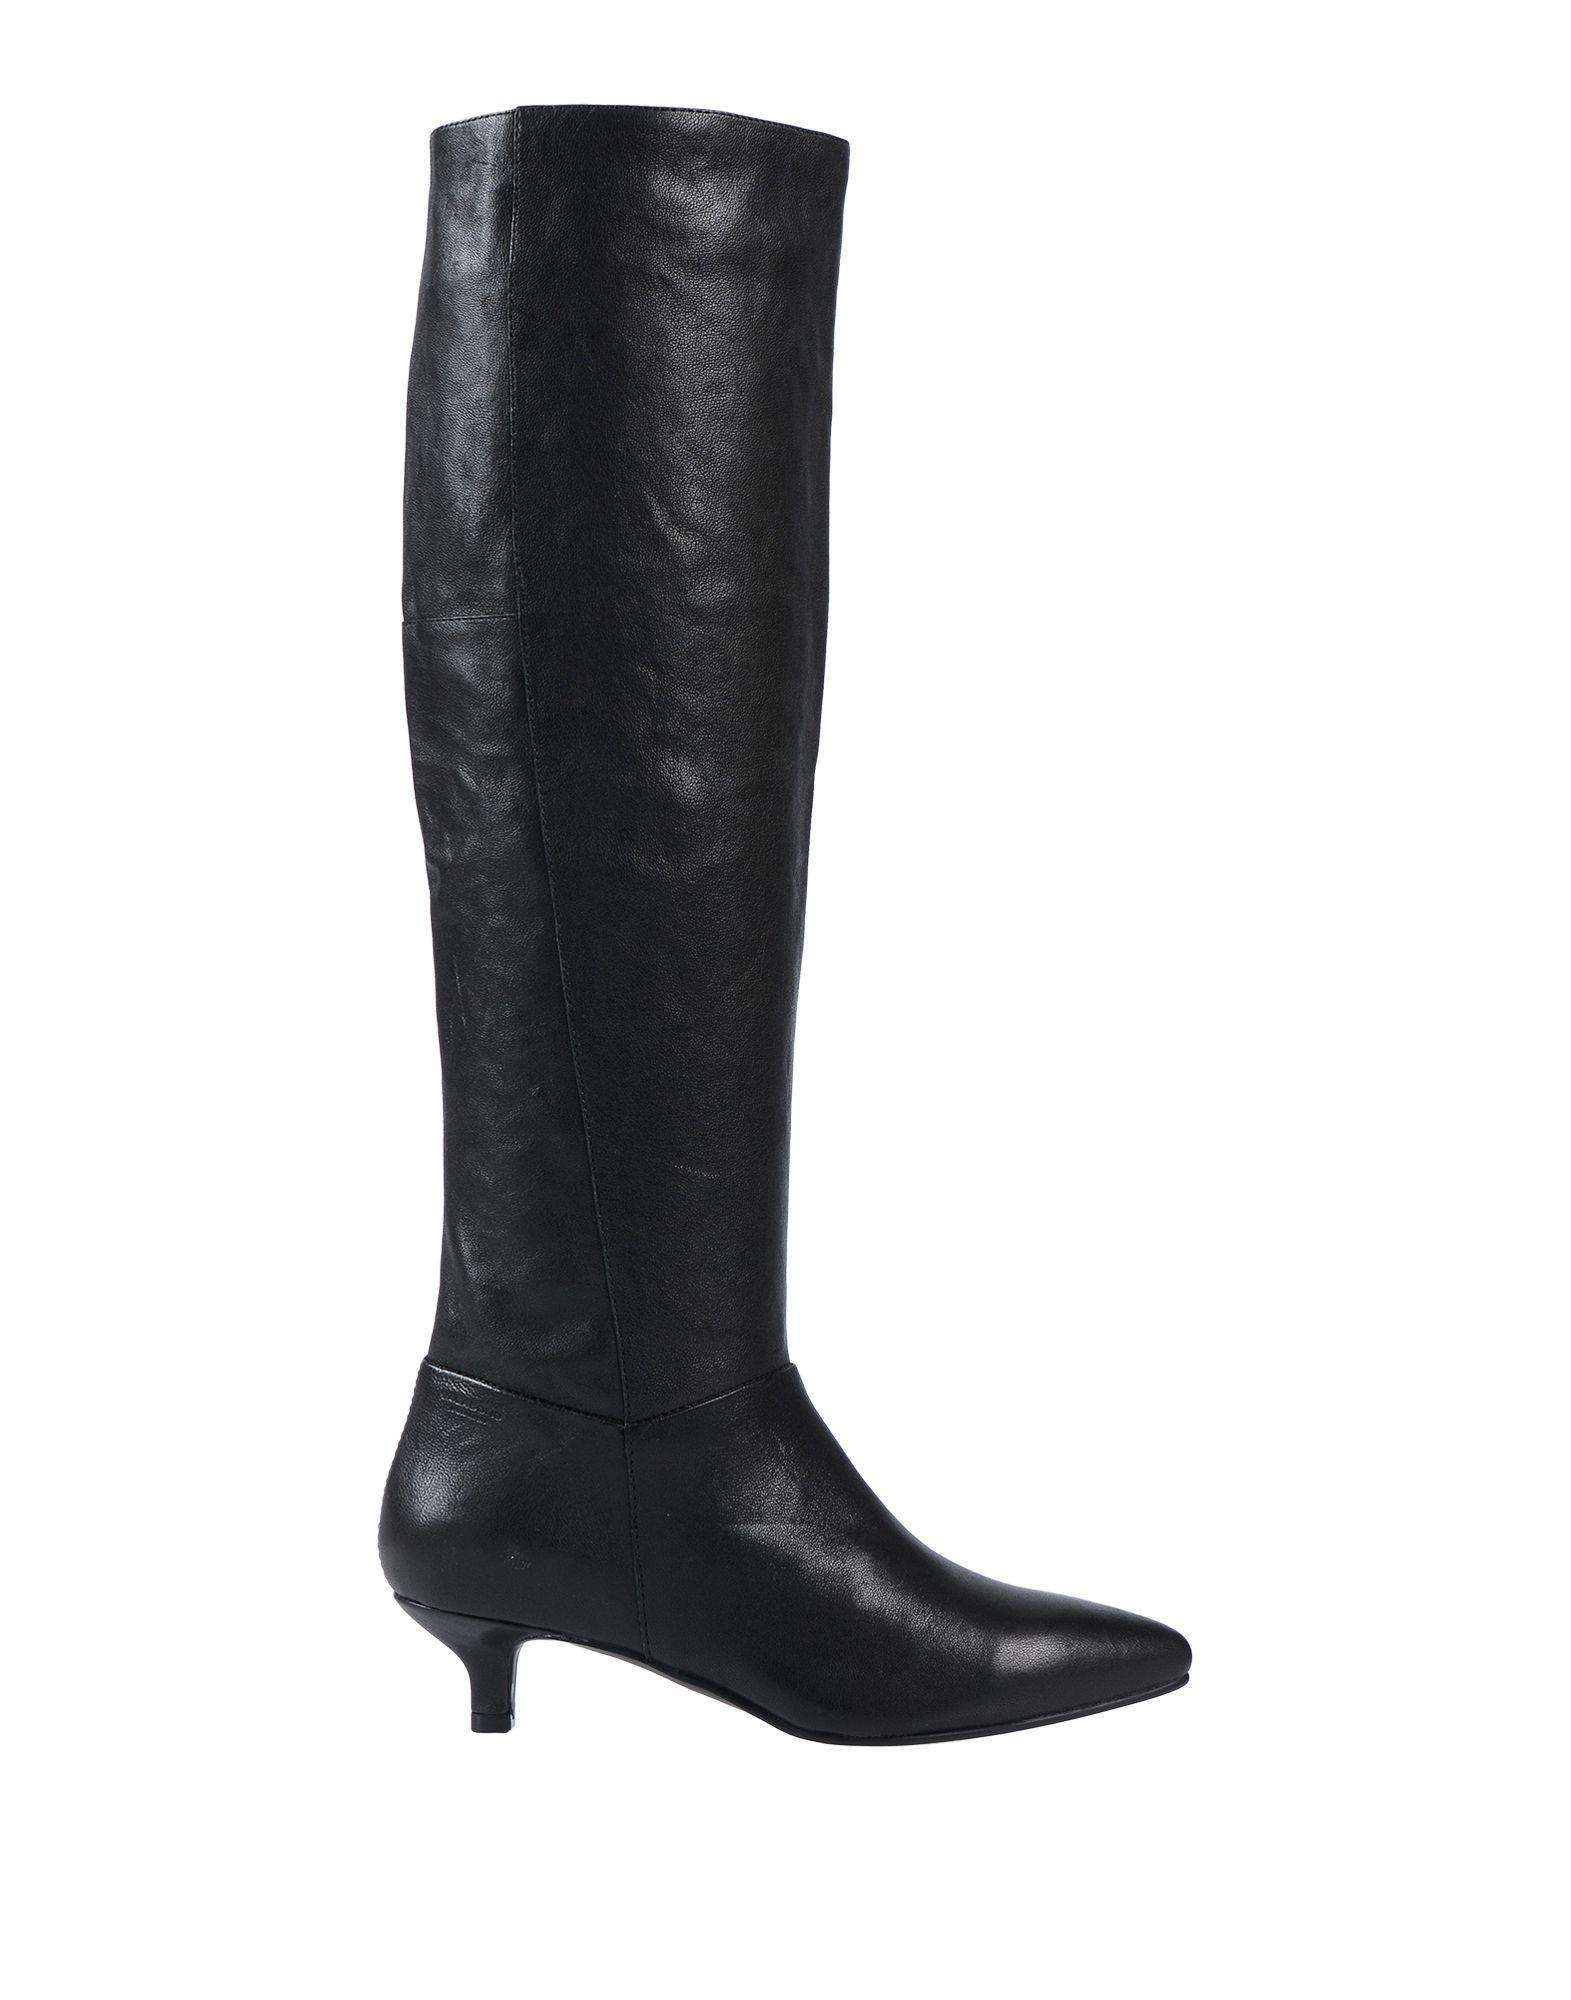 Vagabond Schuhemakers Stiefel Damen Gutes Gutes Gutes Preis-Leistungs-Verhältnis, es lohnt sich dd8c45